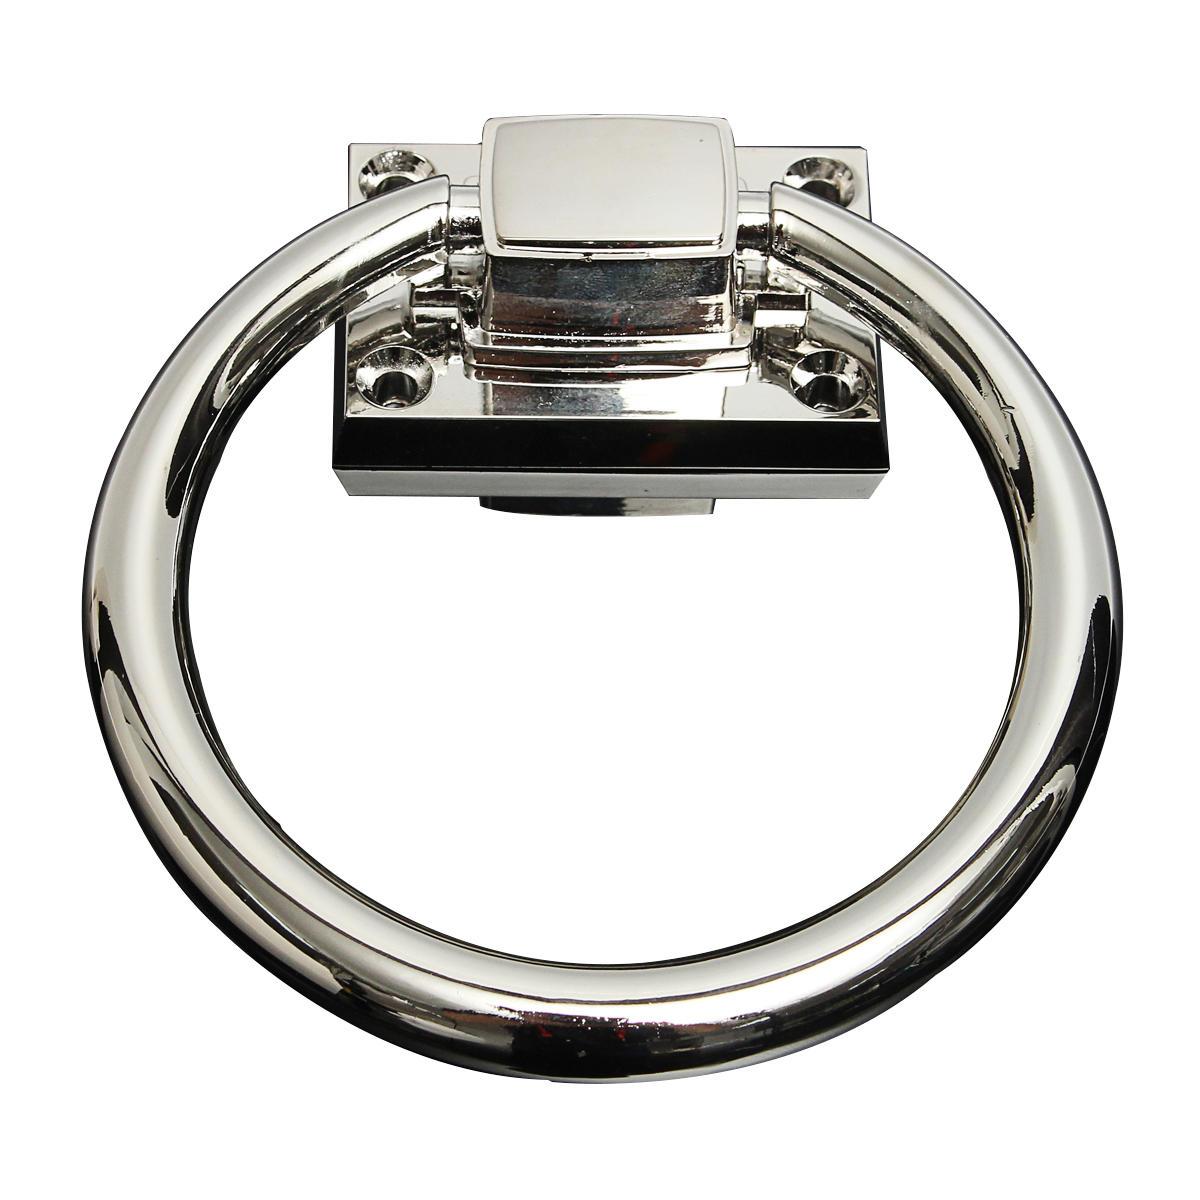 Ahşap Kapı Koltuğu için Paslanmaz Çelik Makas Çekme Kolu Çekimli Yüzük Parlak Gümüş